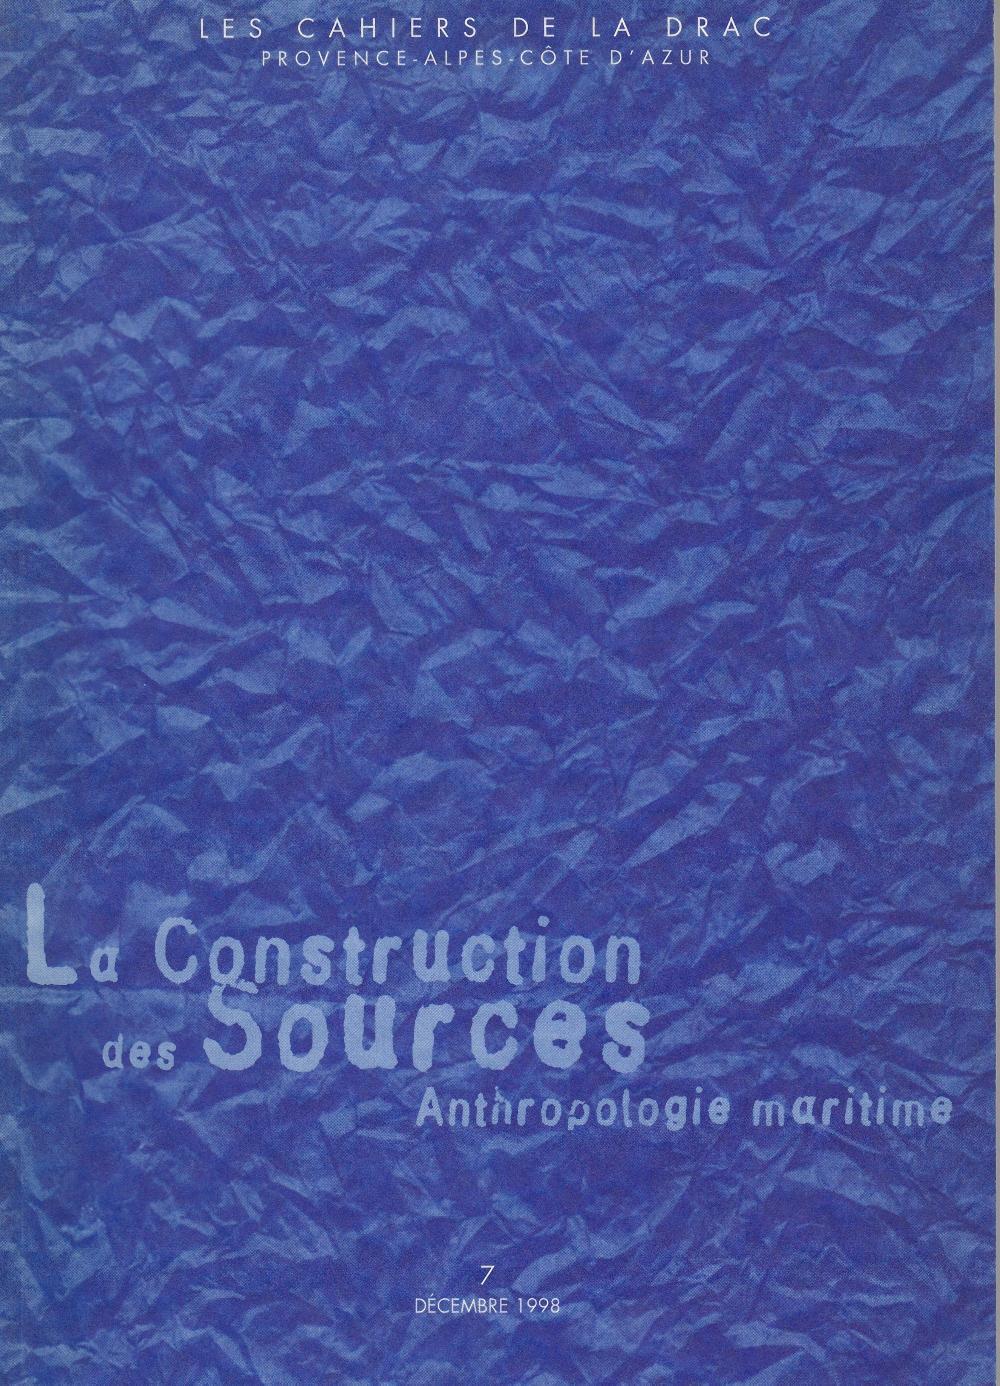 Les cahiers de la DRAC n°7 - La construction des sources, anthropologie maritime